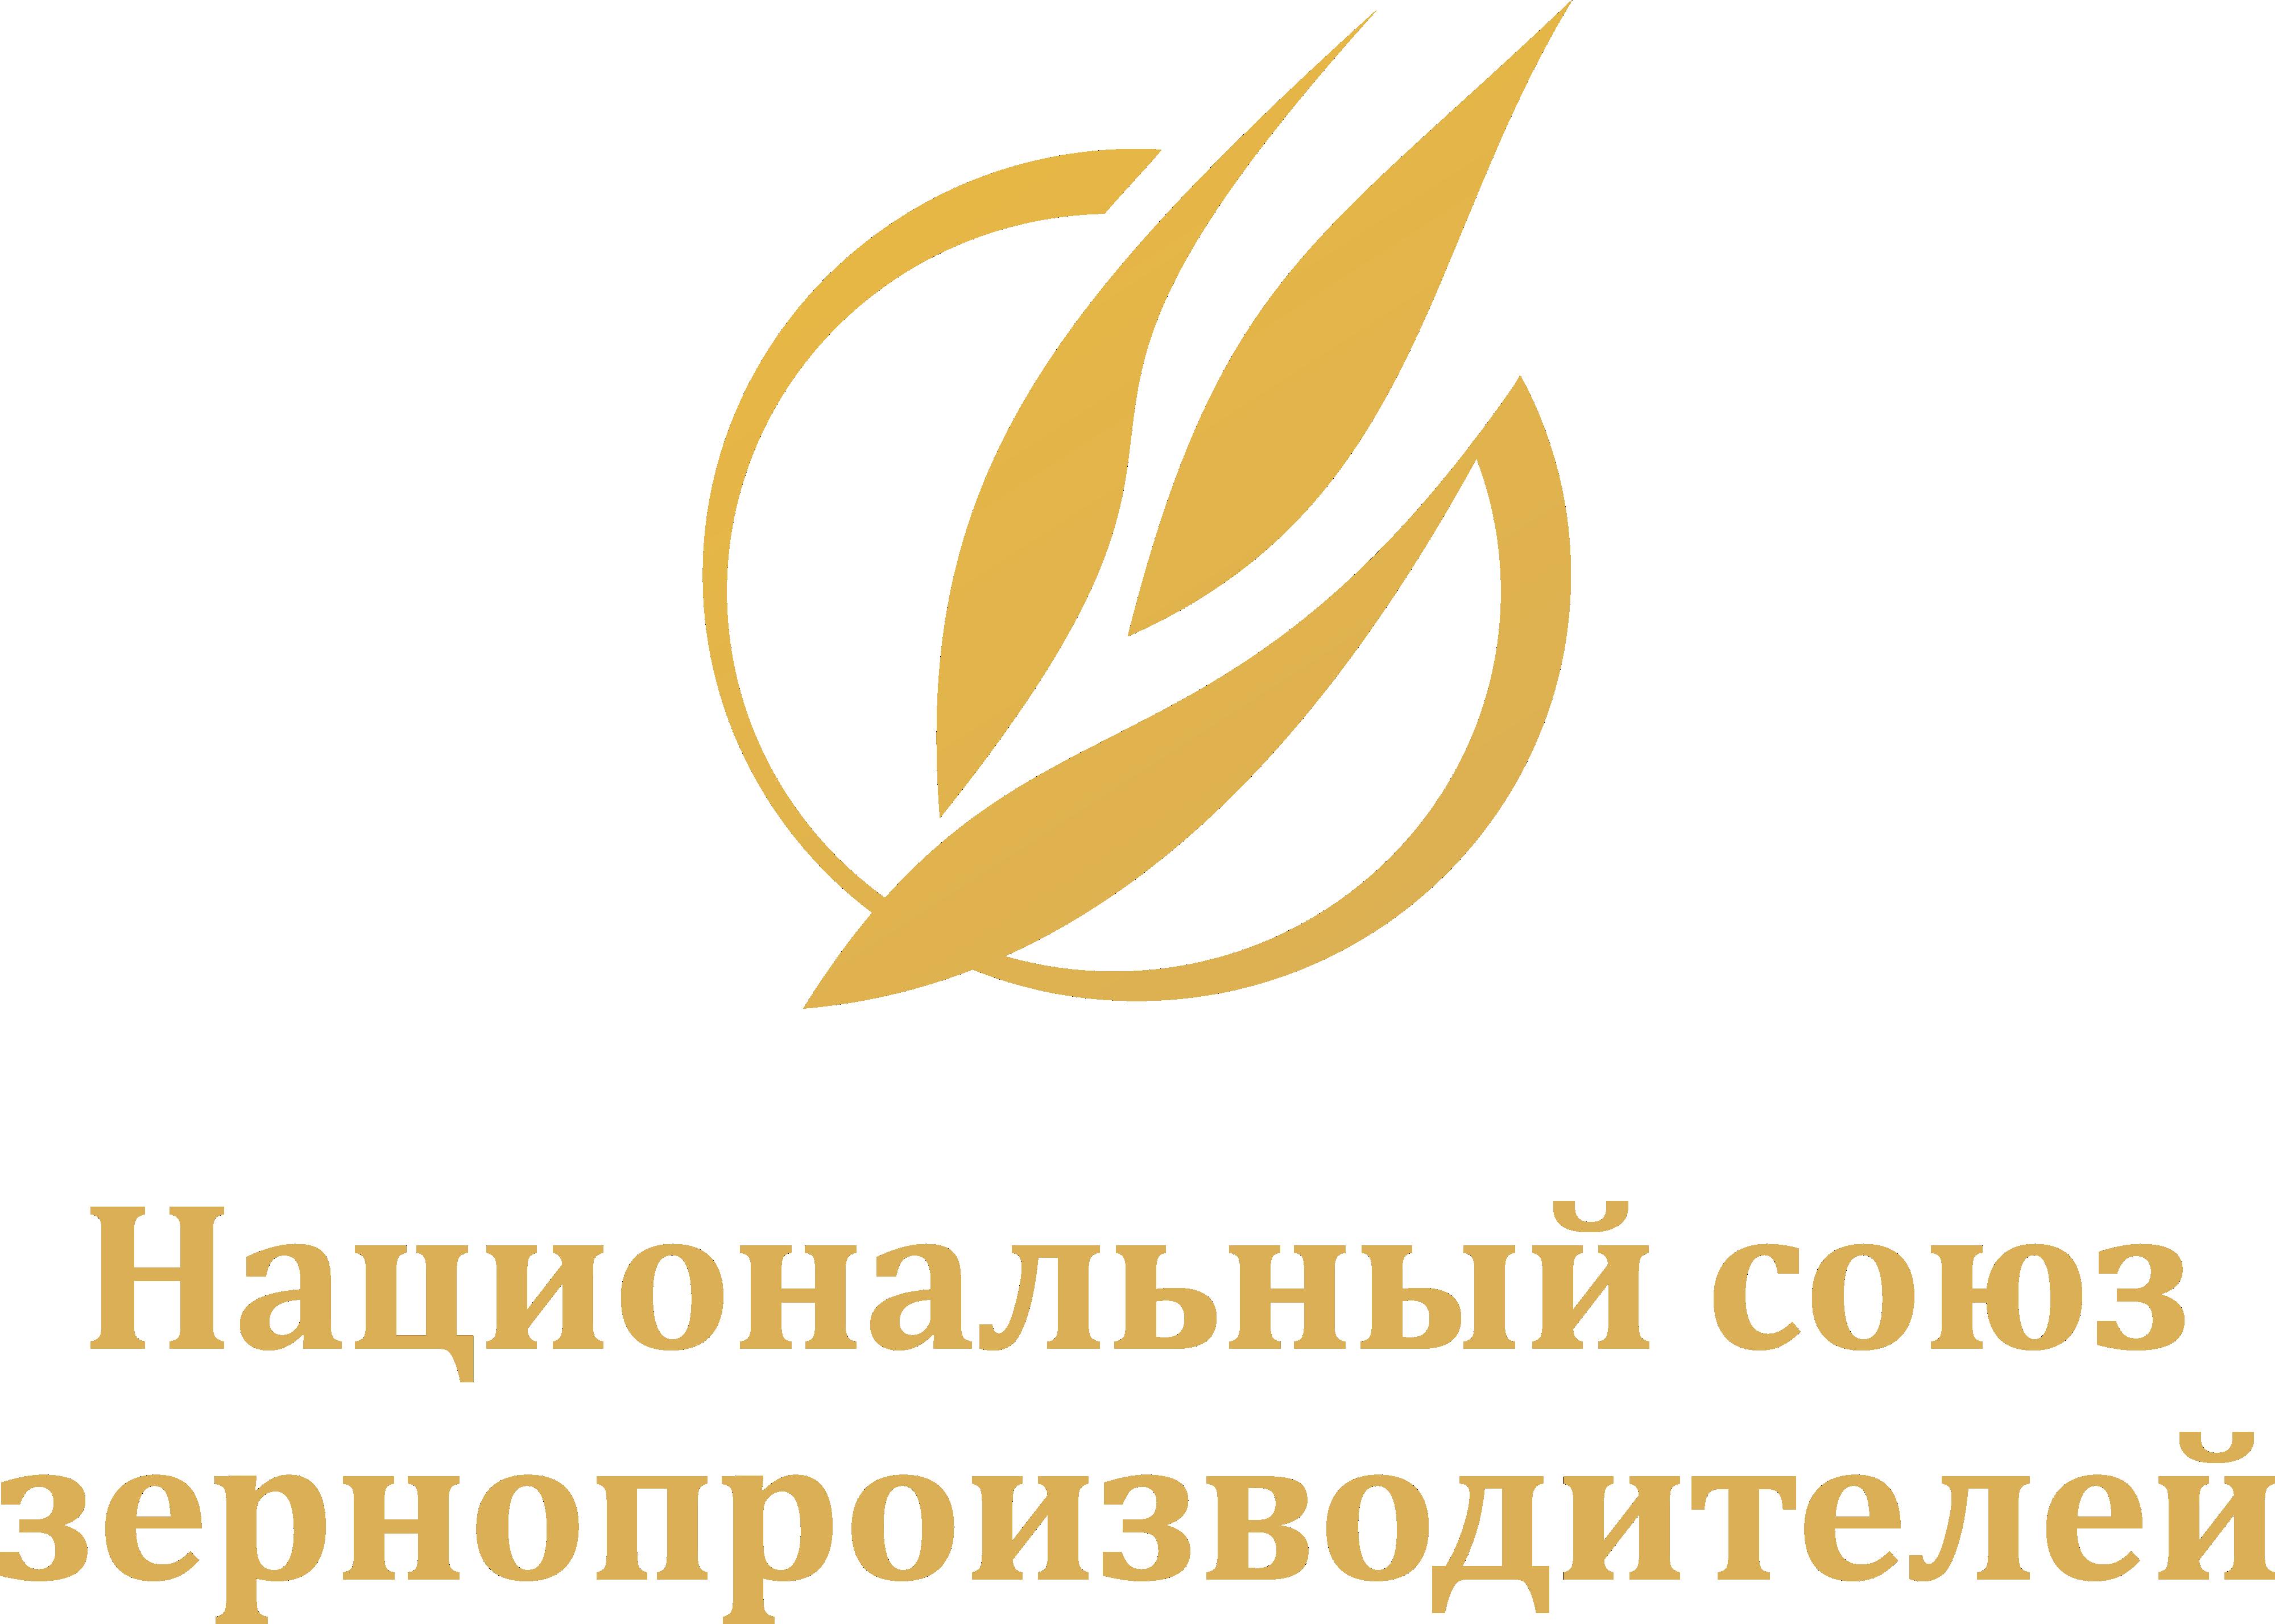 Национальный союз зернопроизводителей